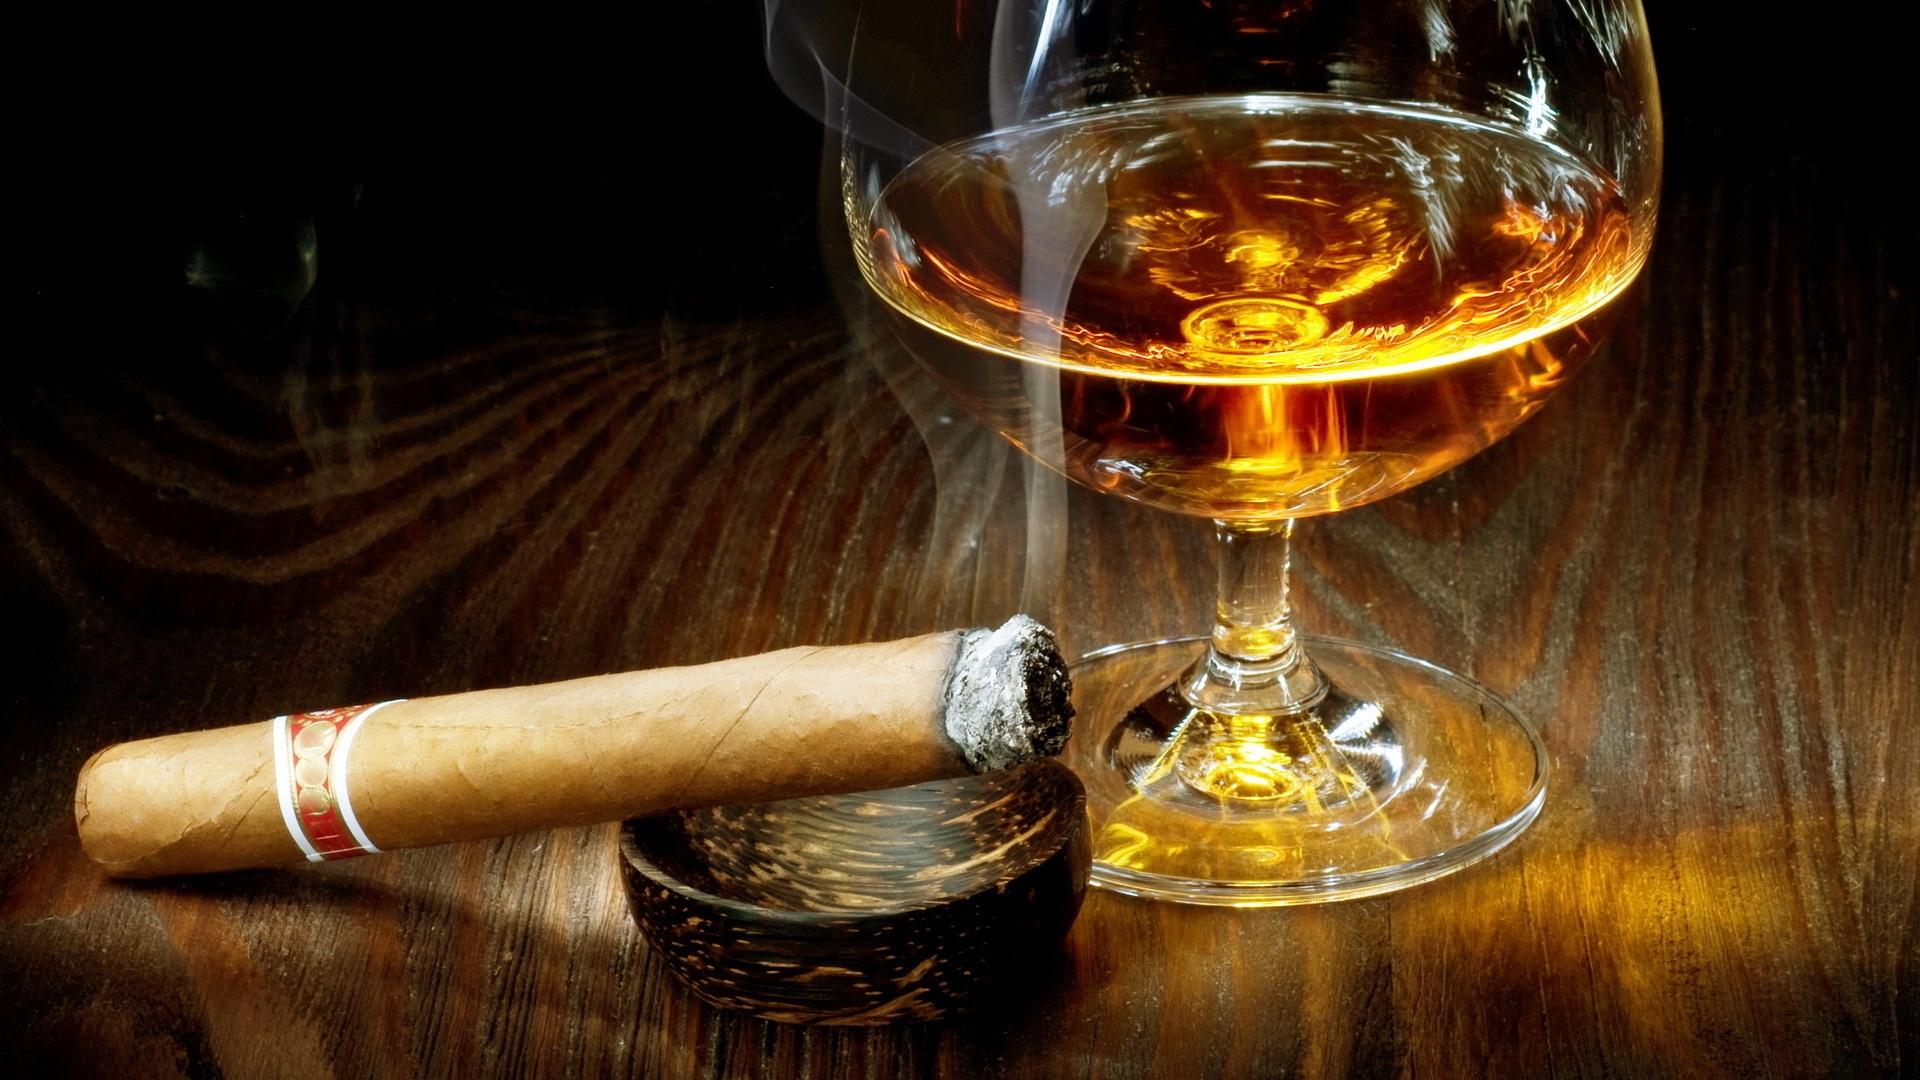 Коняк с пура – класика в културата на употреба на тази благородна и изискана напитка.